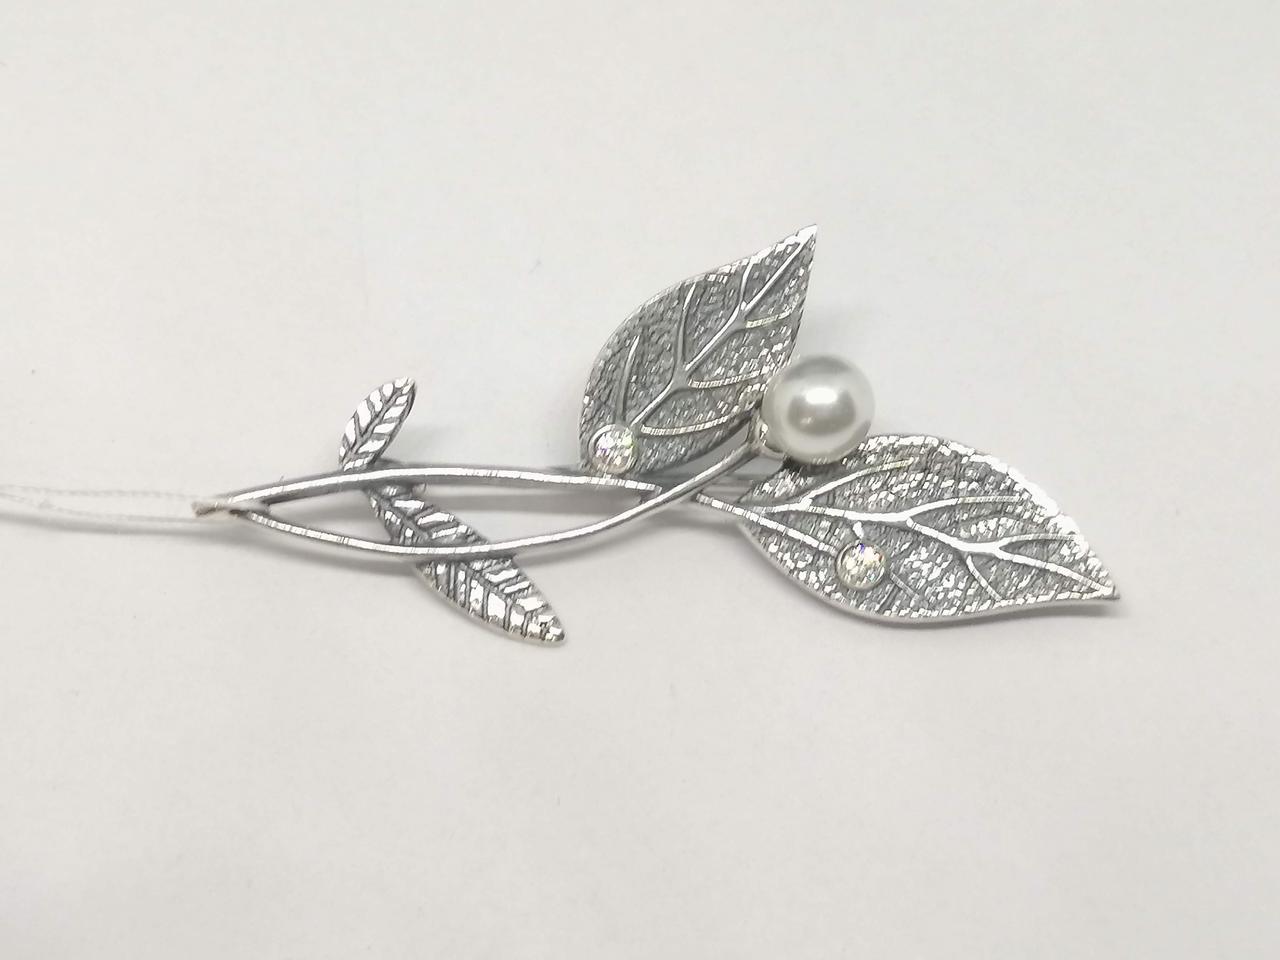 Срібна брошка з перлами і фіанітами. Артикул 7127